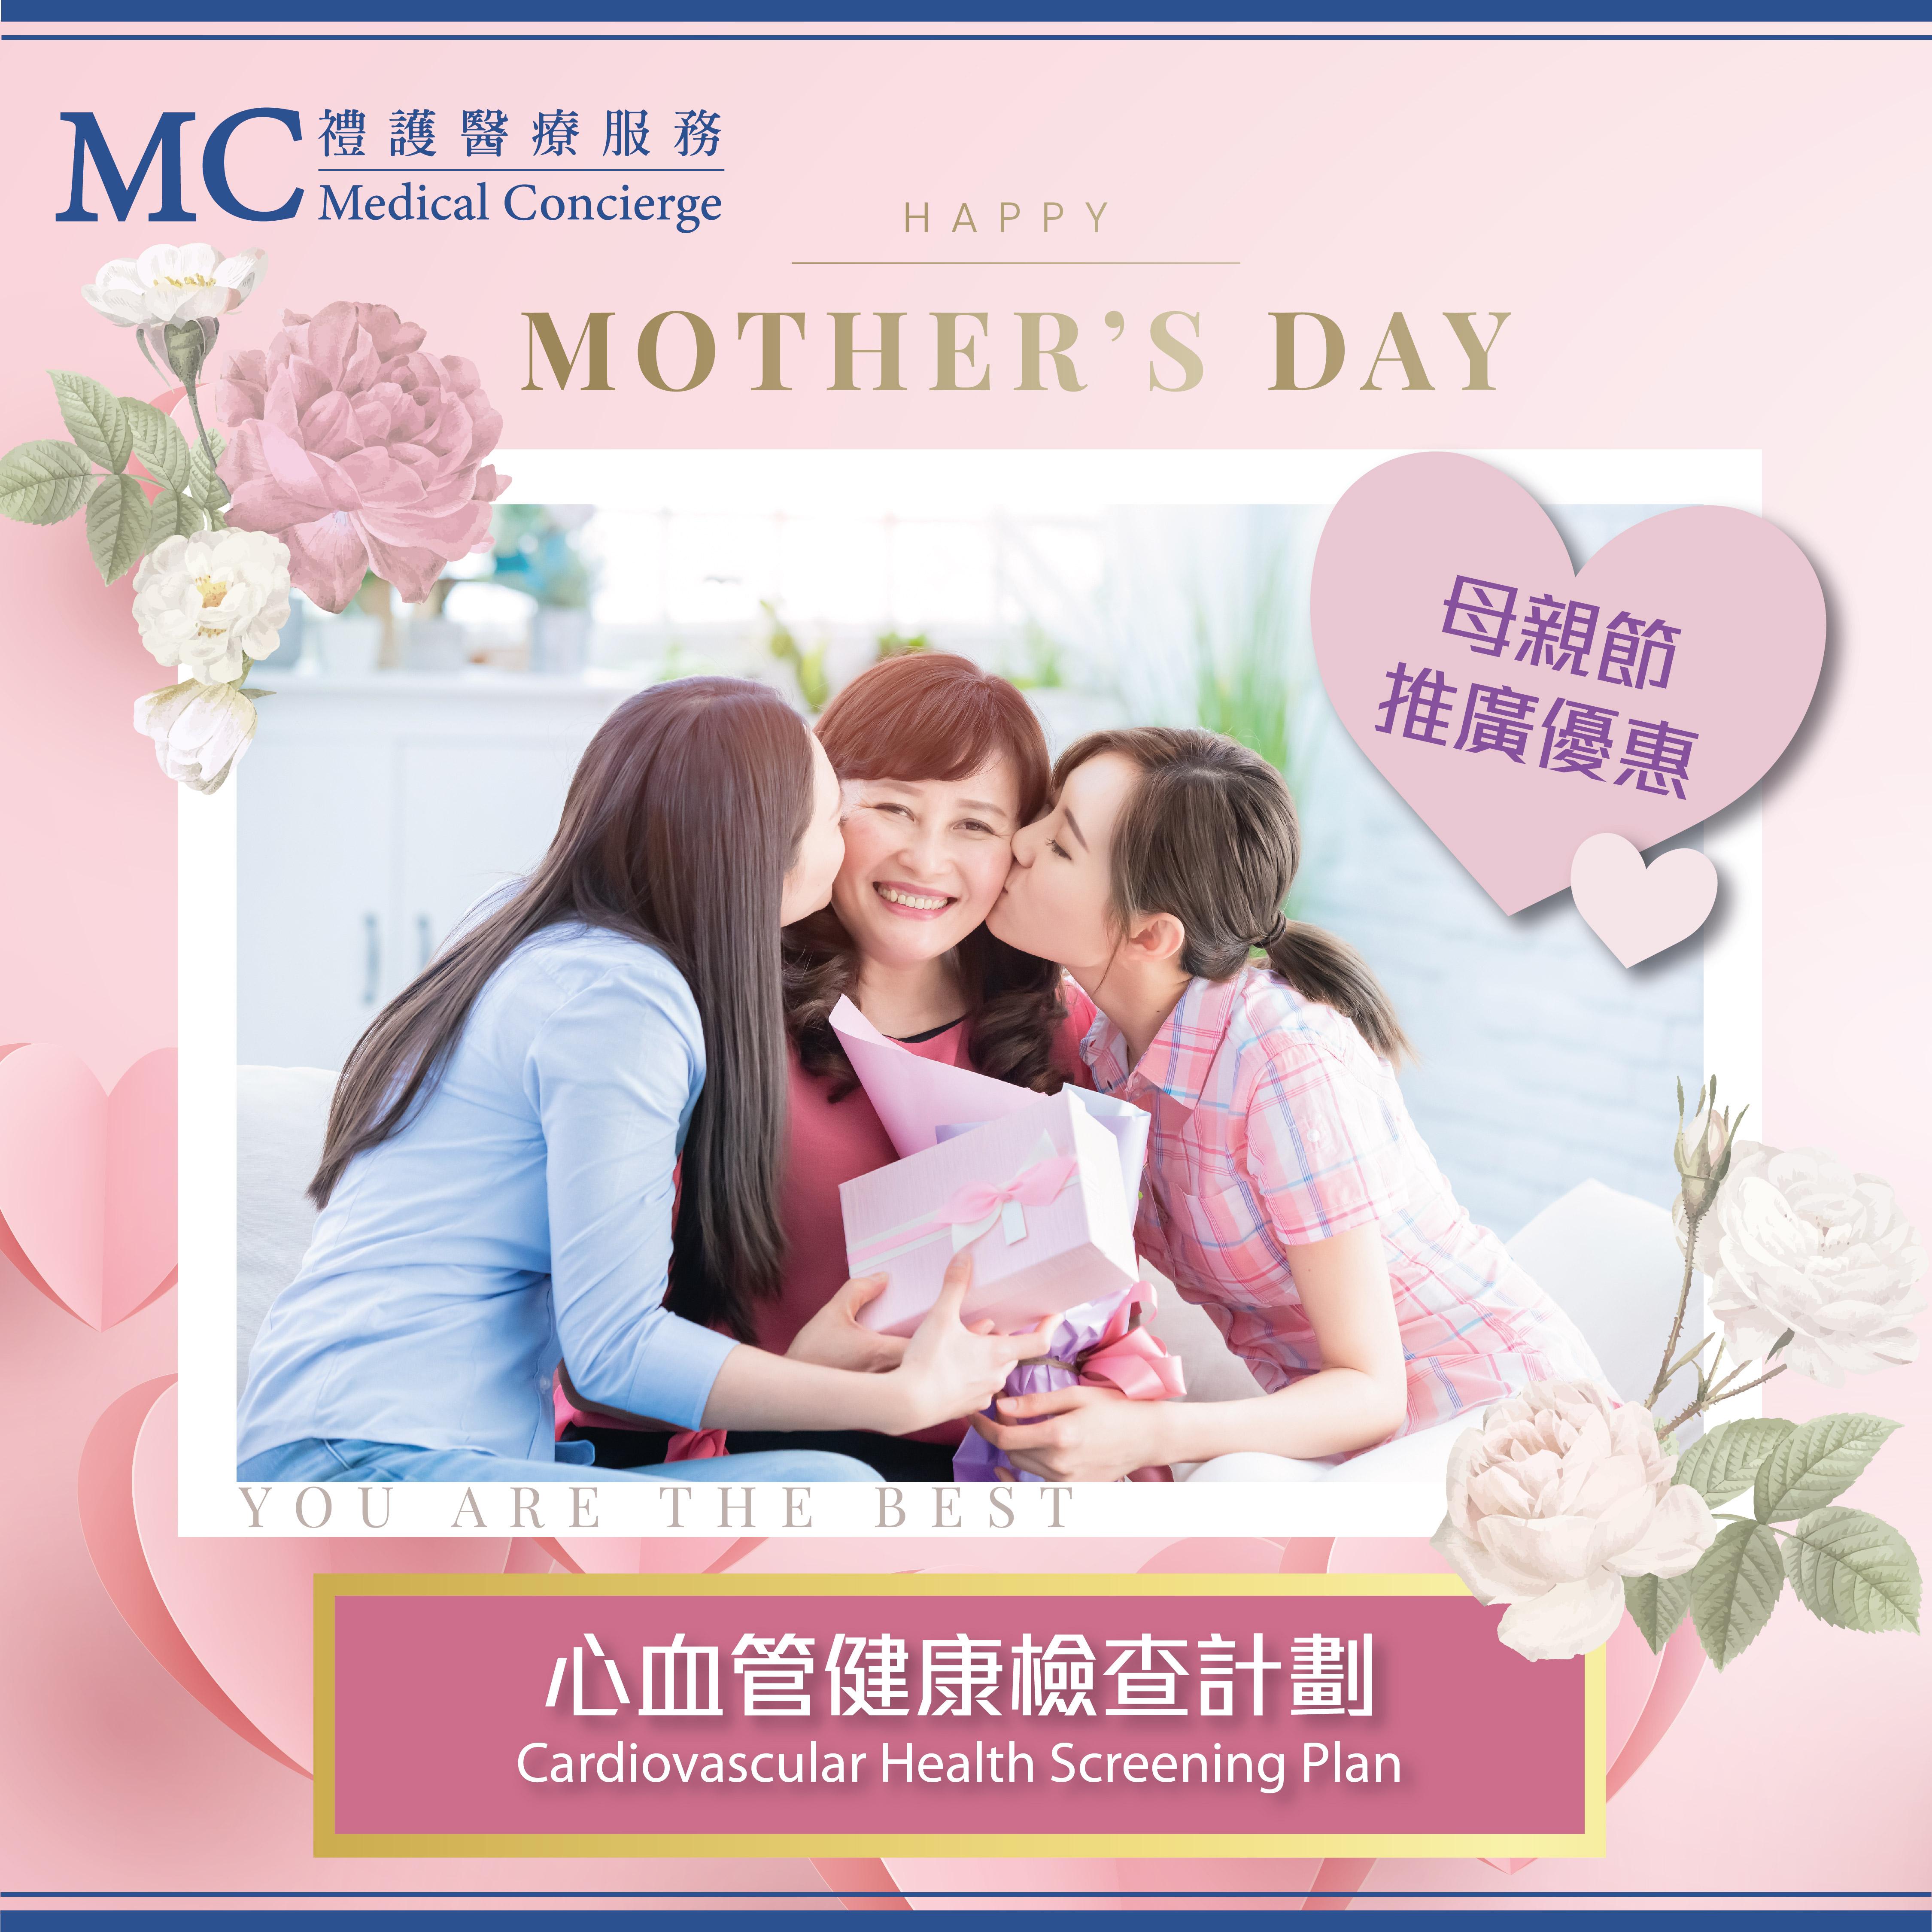 【禮護健康】📣💝母親節推廣系列:時刻關「心」母親  就是最好的禮物💝📣